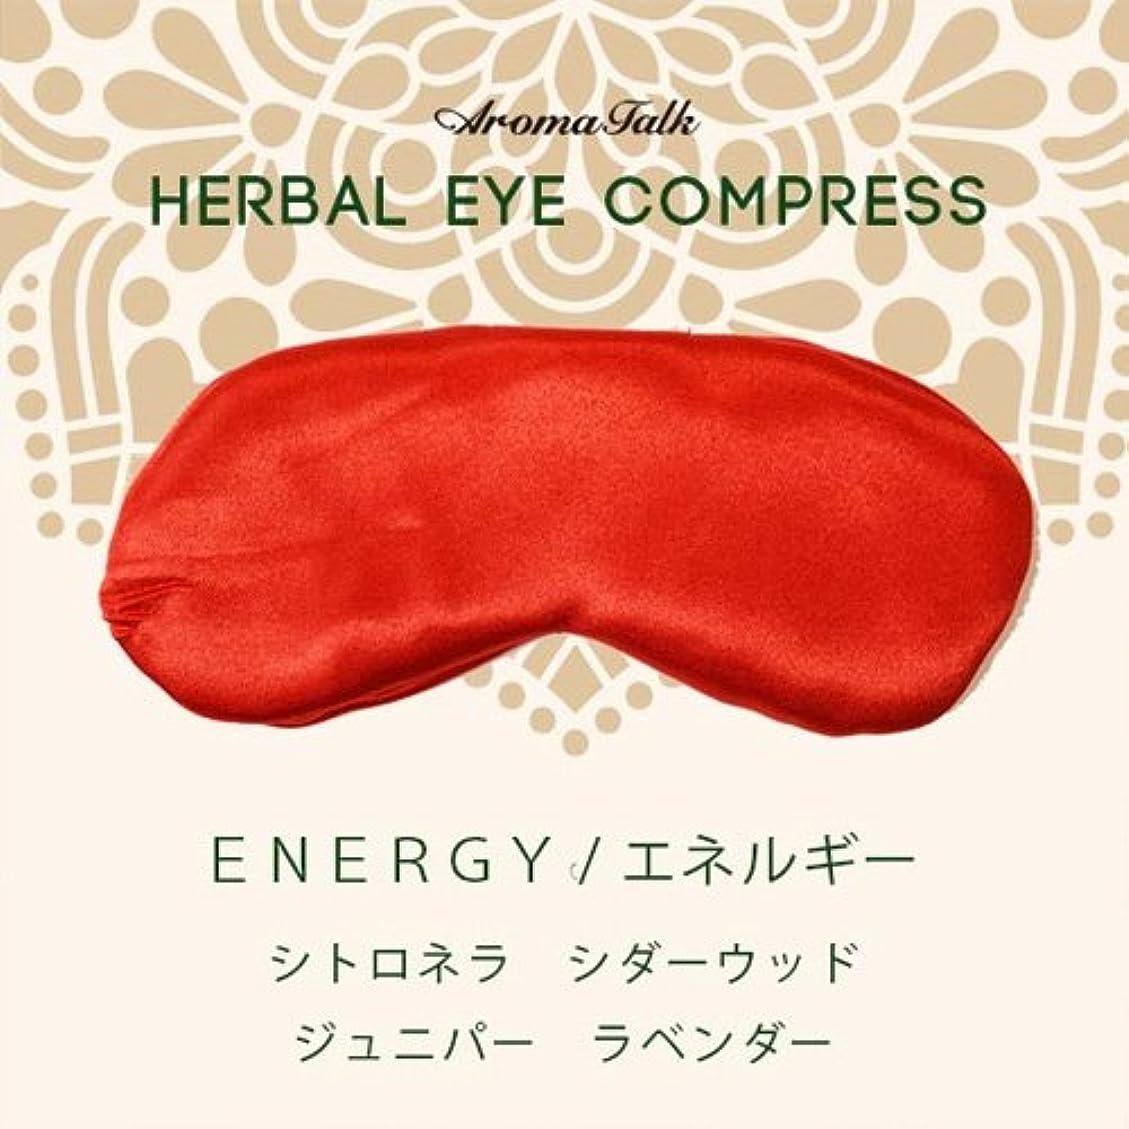 ハーバルアイコンプレス「エネルギー」赤/南国ようなエネルギーにあふれる香り